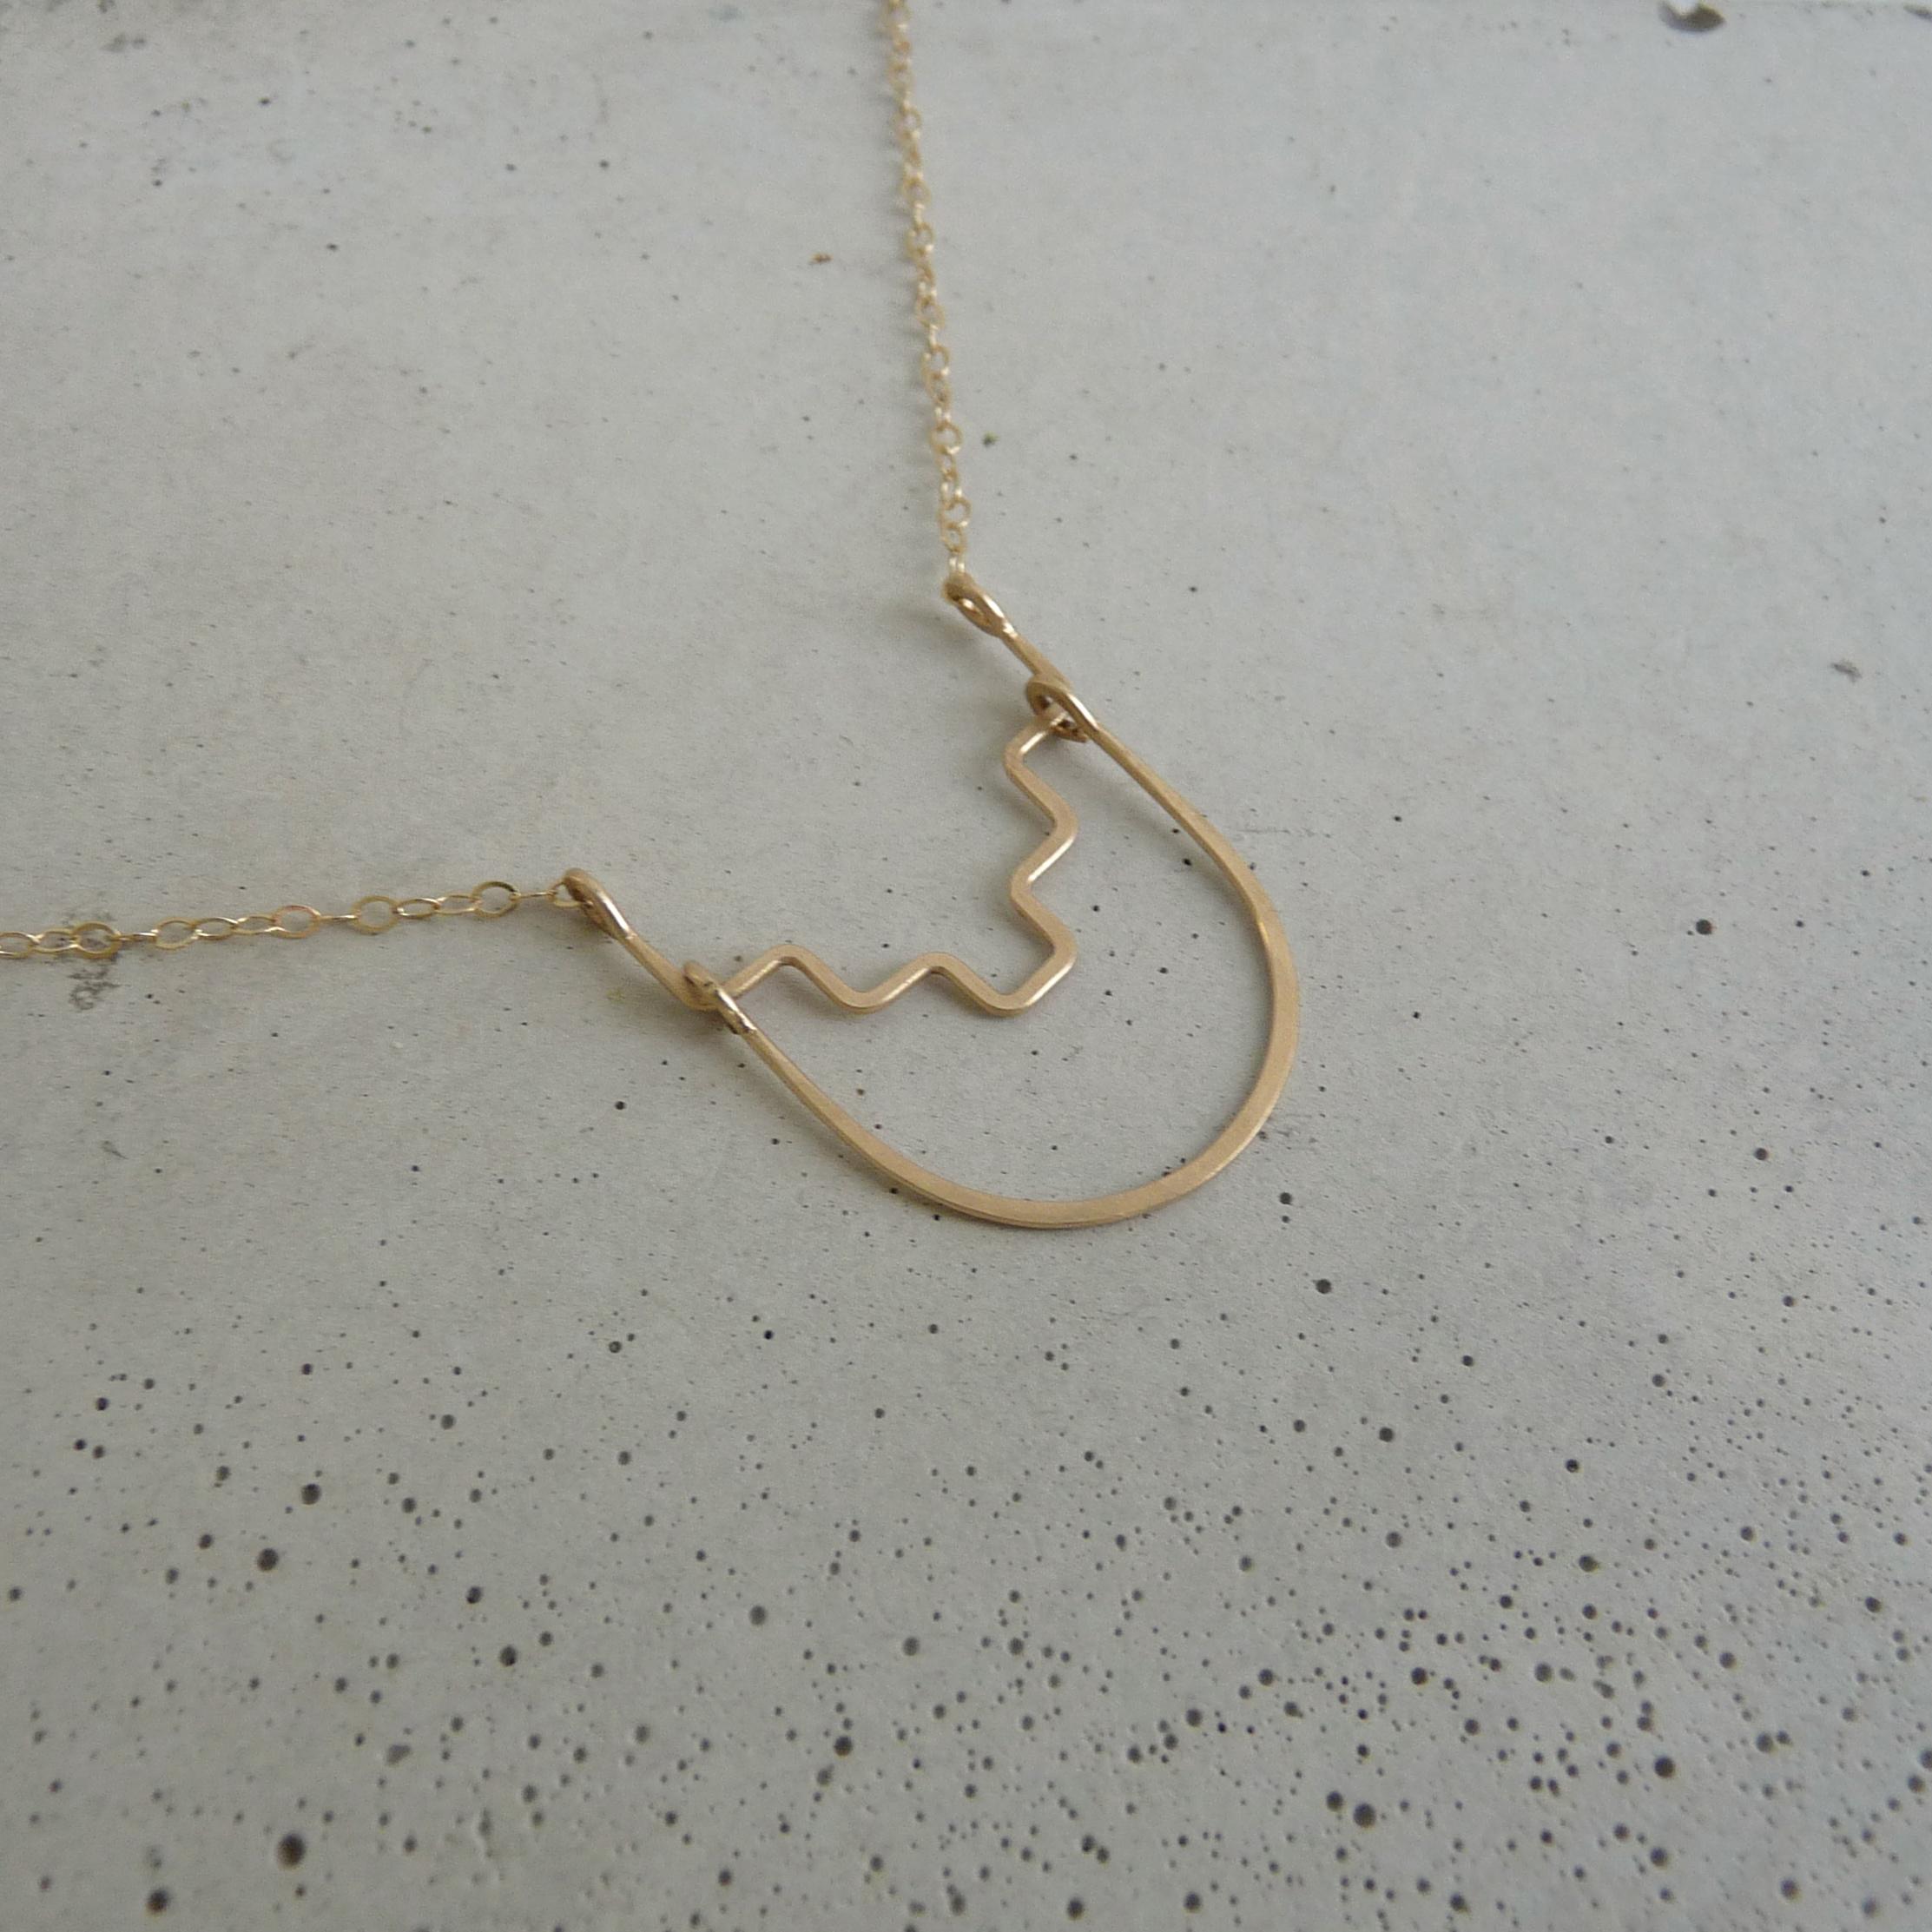 DESCEND necklace, gold aztec necklace, delicate gold necklace, delicate geometric necklace, new refined basics